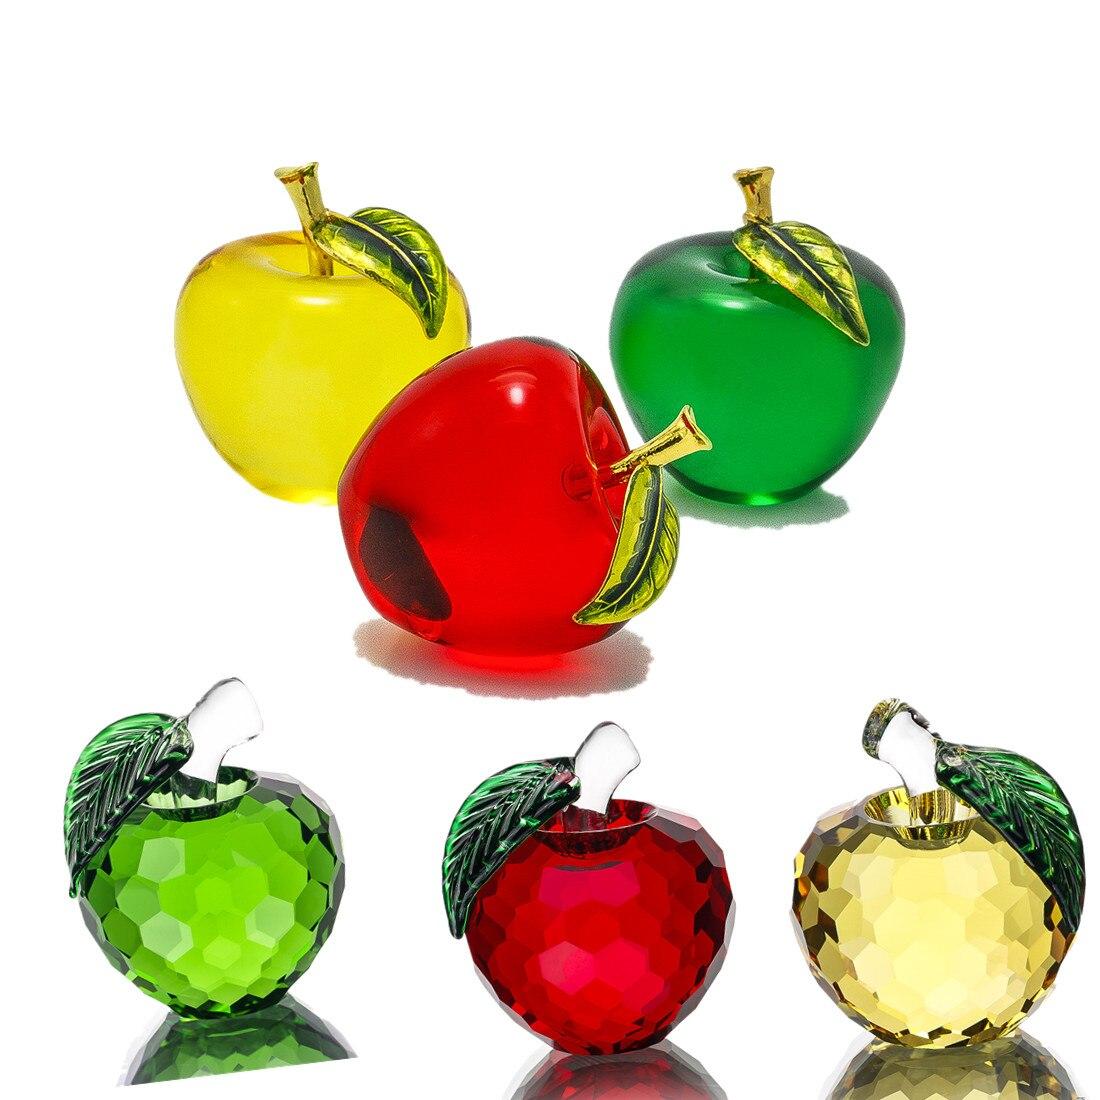 H & D 55mm Brillant Cristal Apple Presse-papiers Presse-papiers En Verre Cadeaux Art Pour Cristal Artisanat Accueil Décoration De Mariage